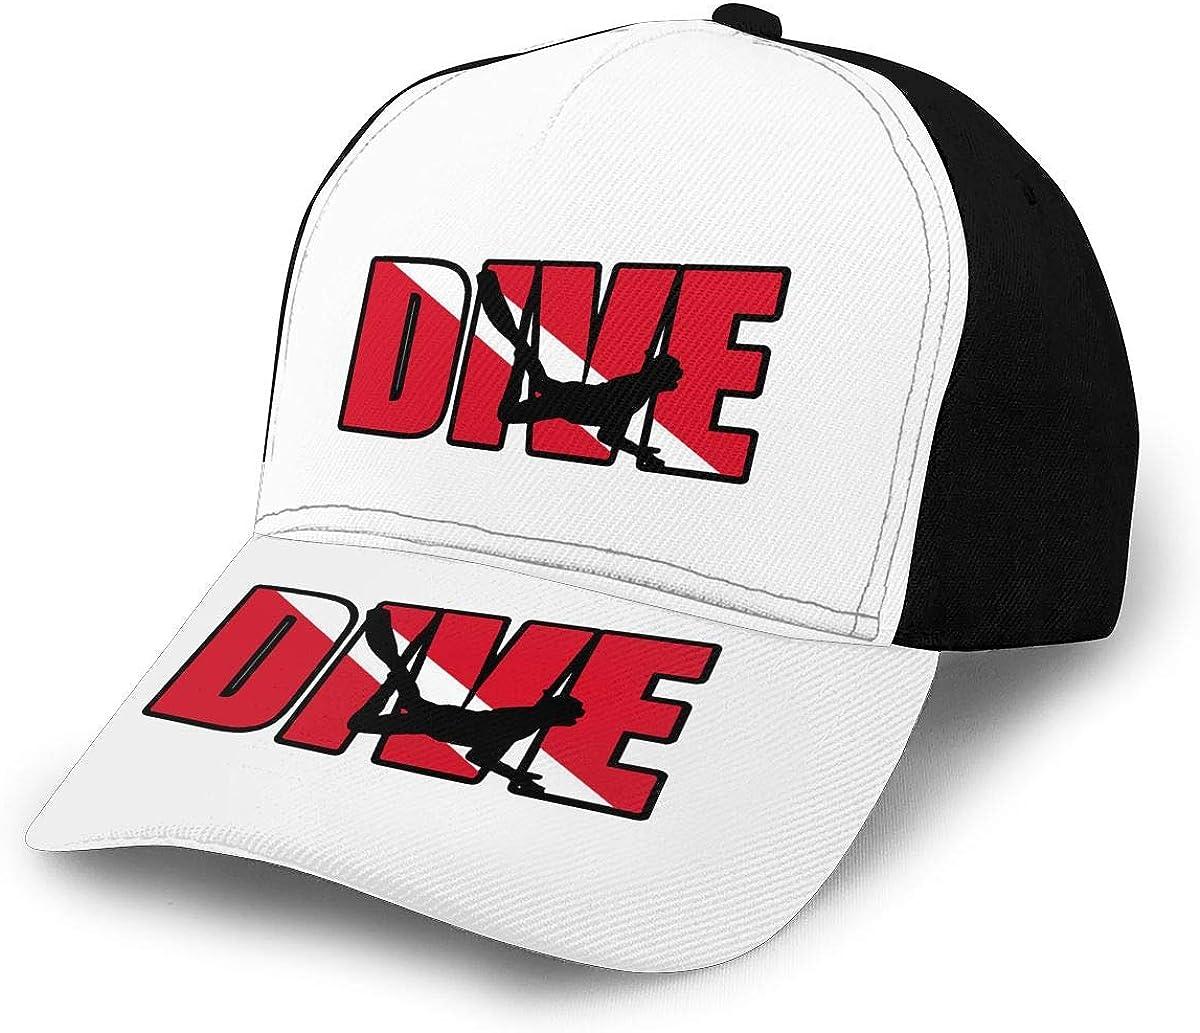 Dive Scuba Diver Unisex Adult Hats Classic Baseball Caps Peaked Cap